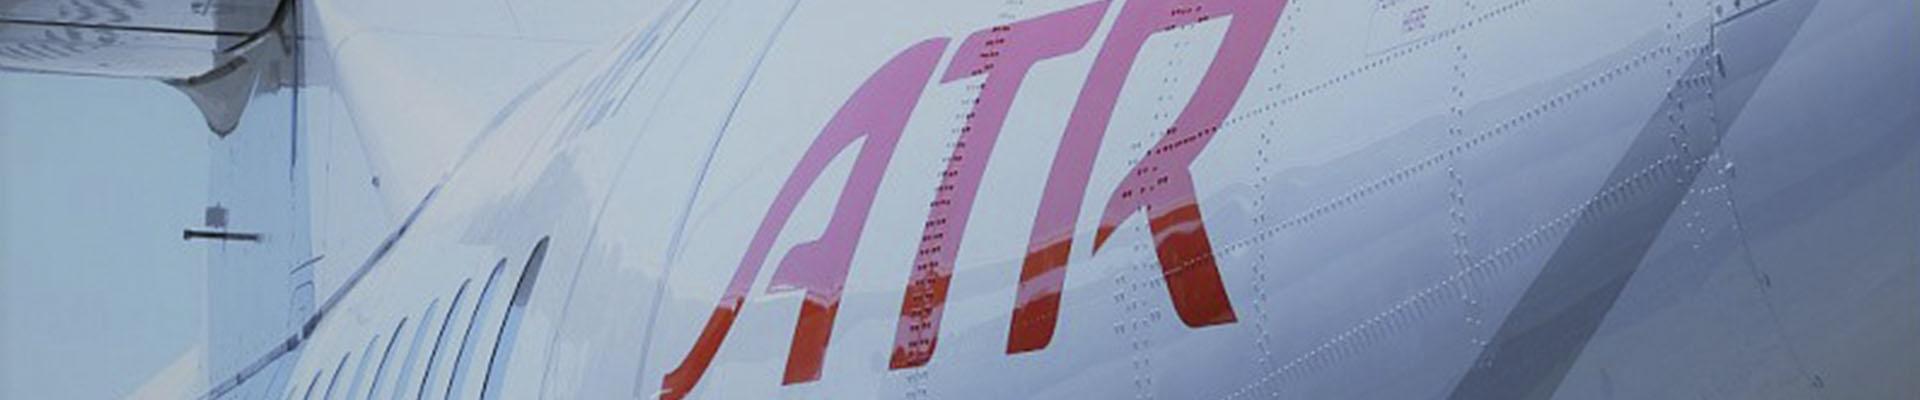 Classificação tipo ATR72-600 curso DGCA Índia